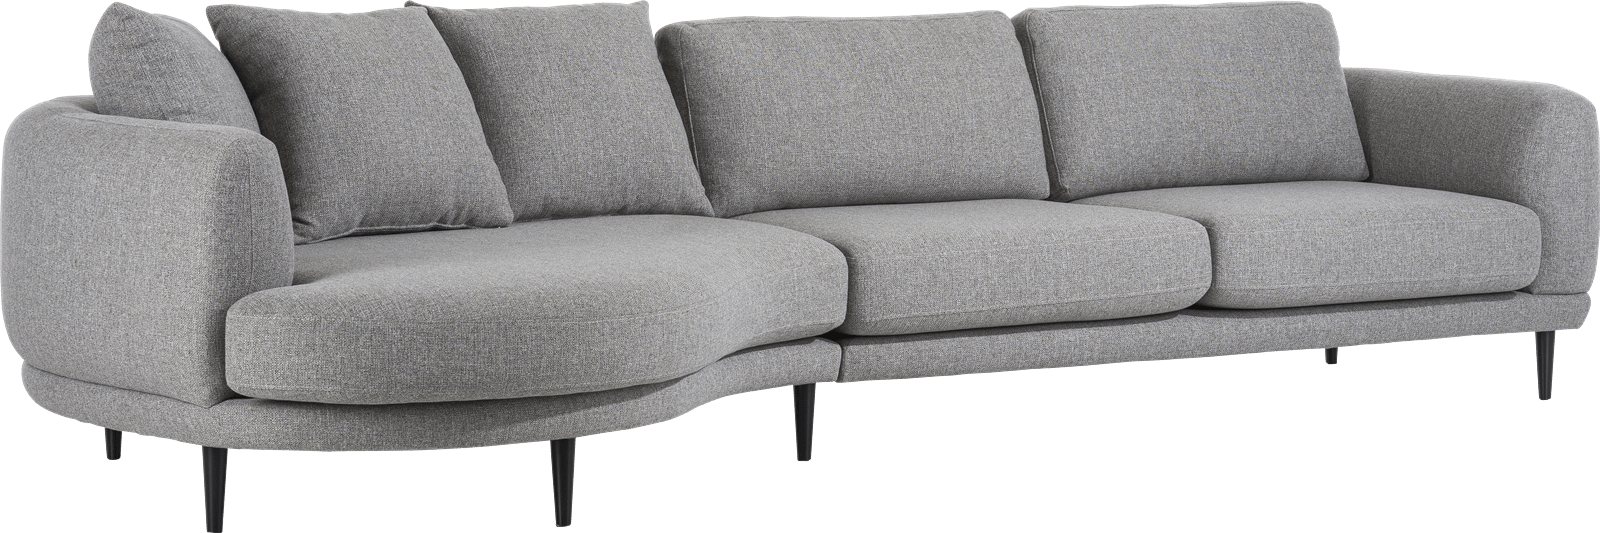 Henders & Hazel - Portland - Moderne - Canapés - coussin de dos supplementaire 3-places